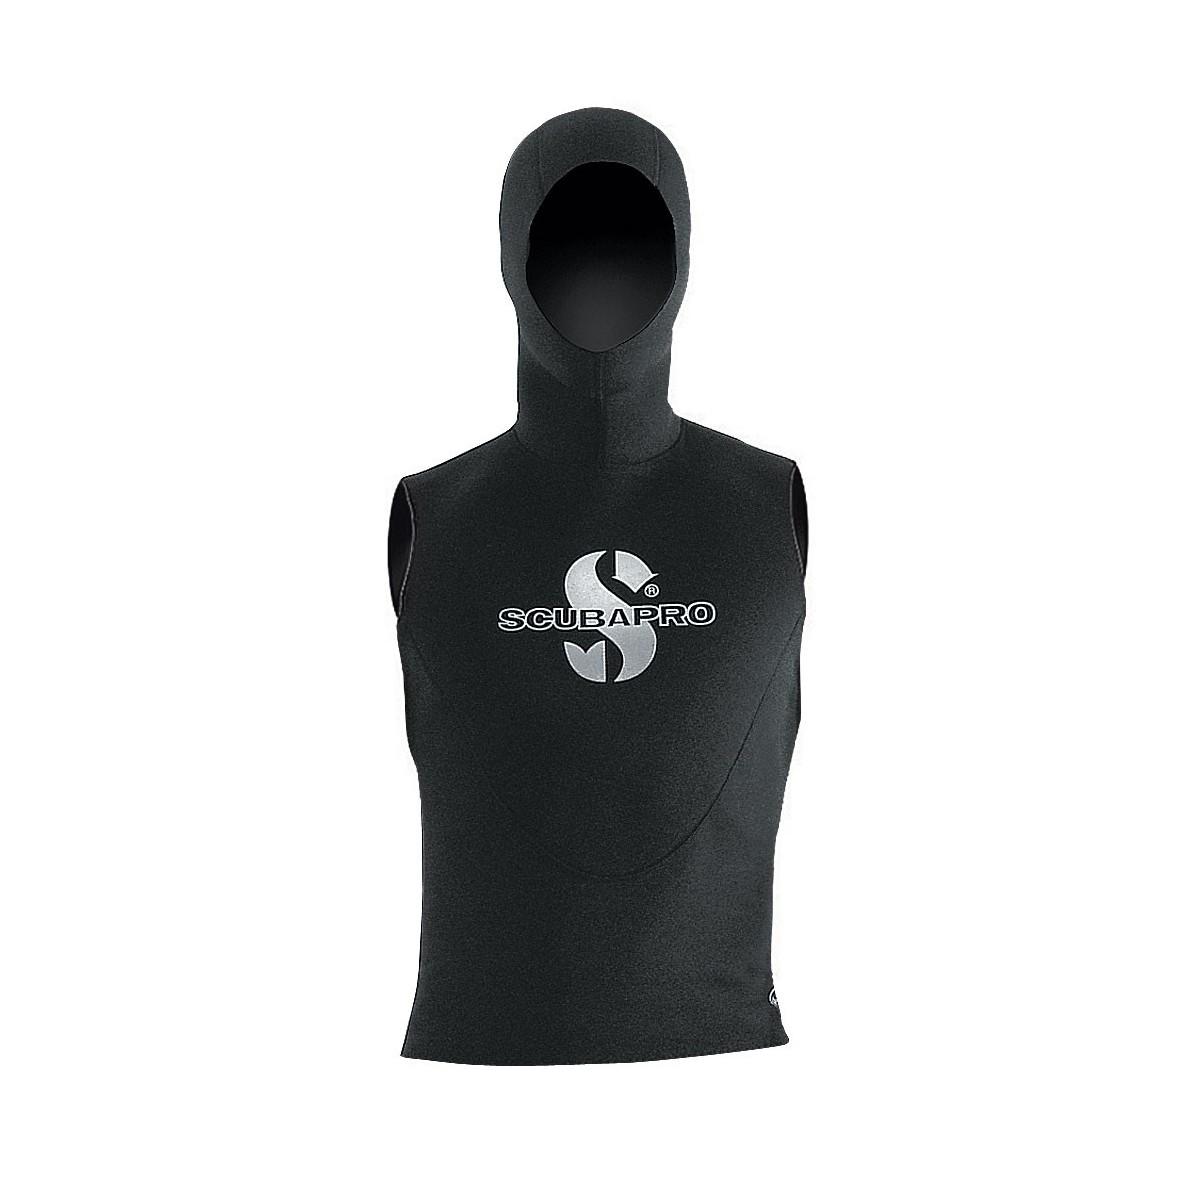 Scubapro Everflex Hooded Diving Vest 5mm